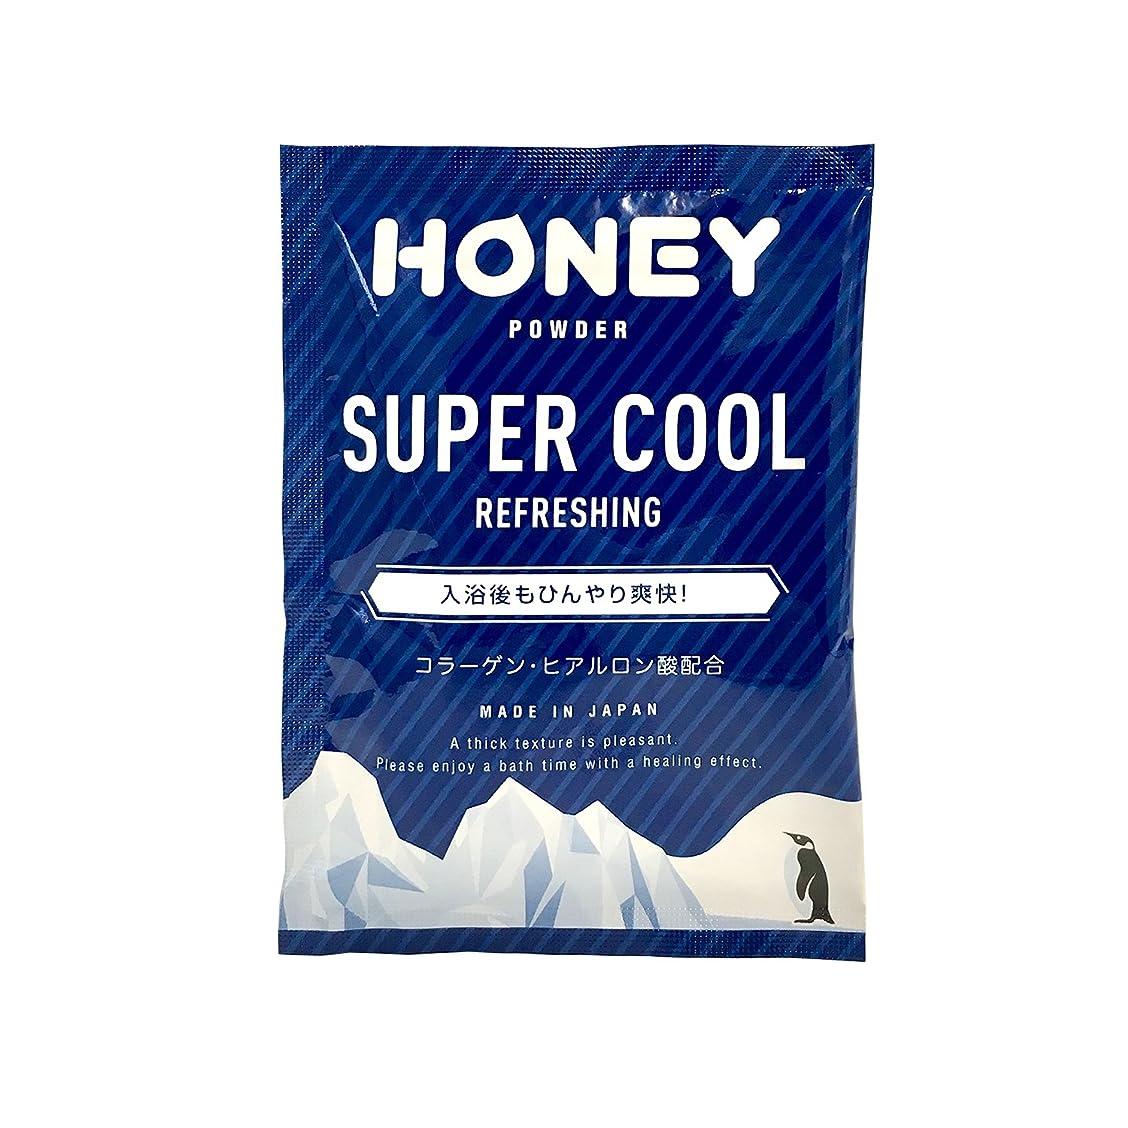 黒くするプロテスタントそれに応じてとろとろ入浴剤【honey powder】(ハニーパウダー) 2個セット スーパークール 粉末タイプ ローション